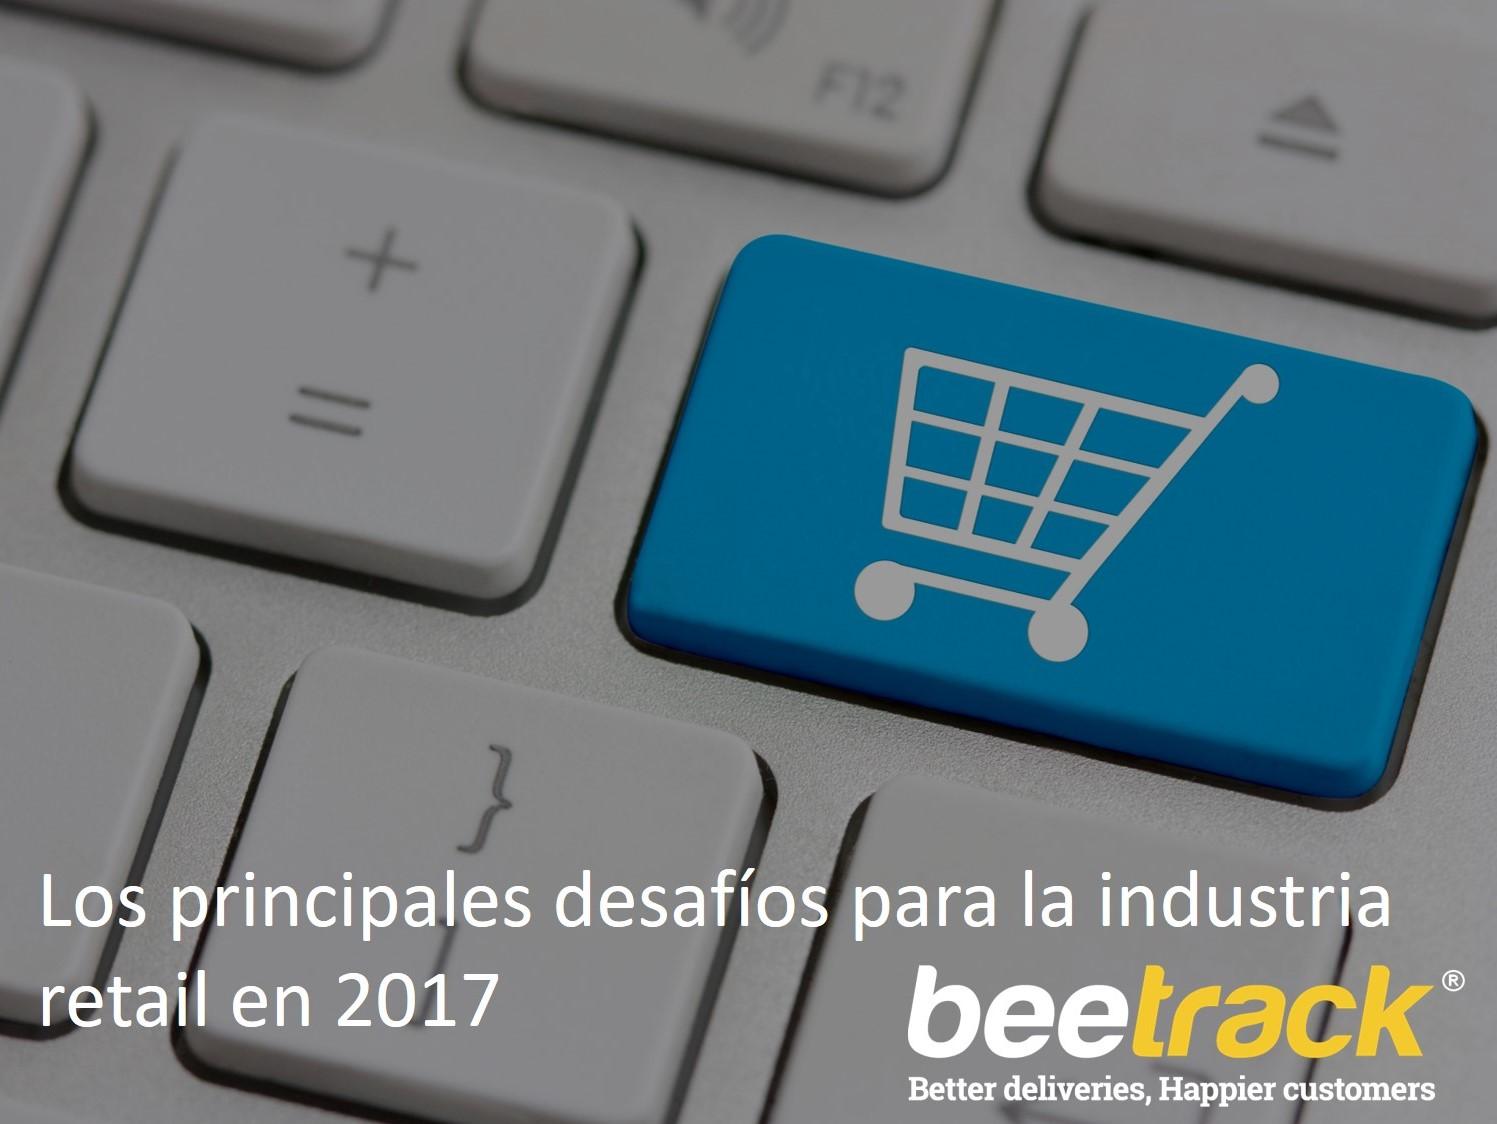 Los principales desafios para la industria retail el 2017.jpg